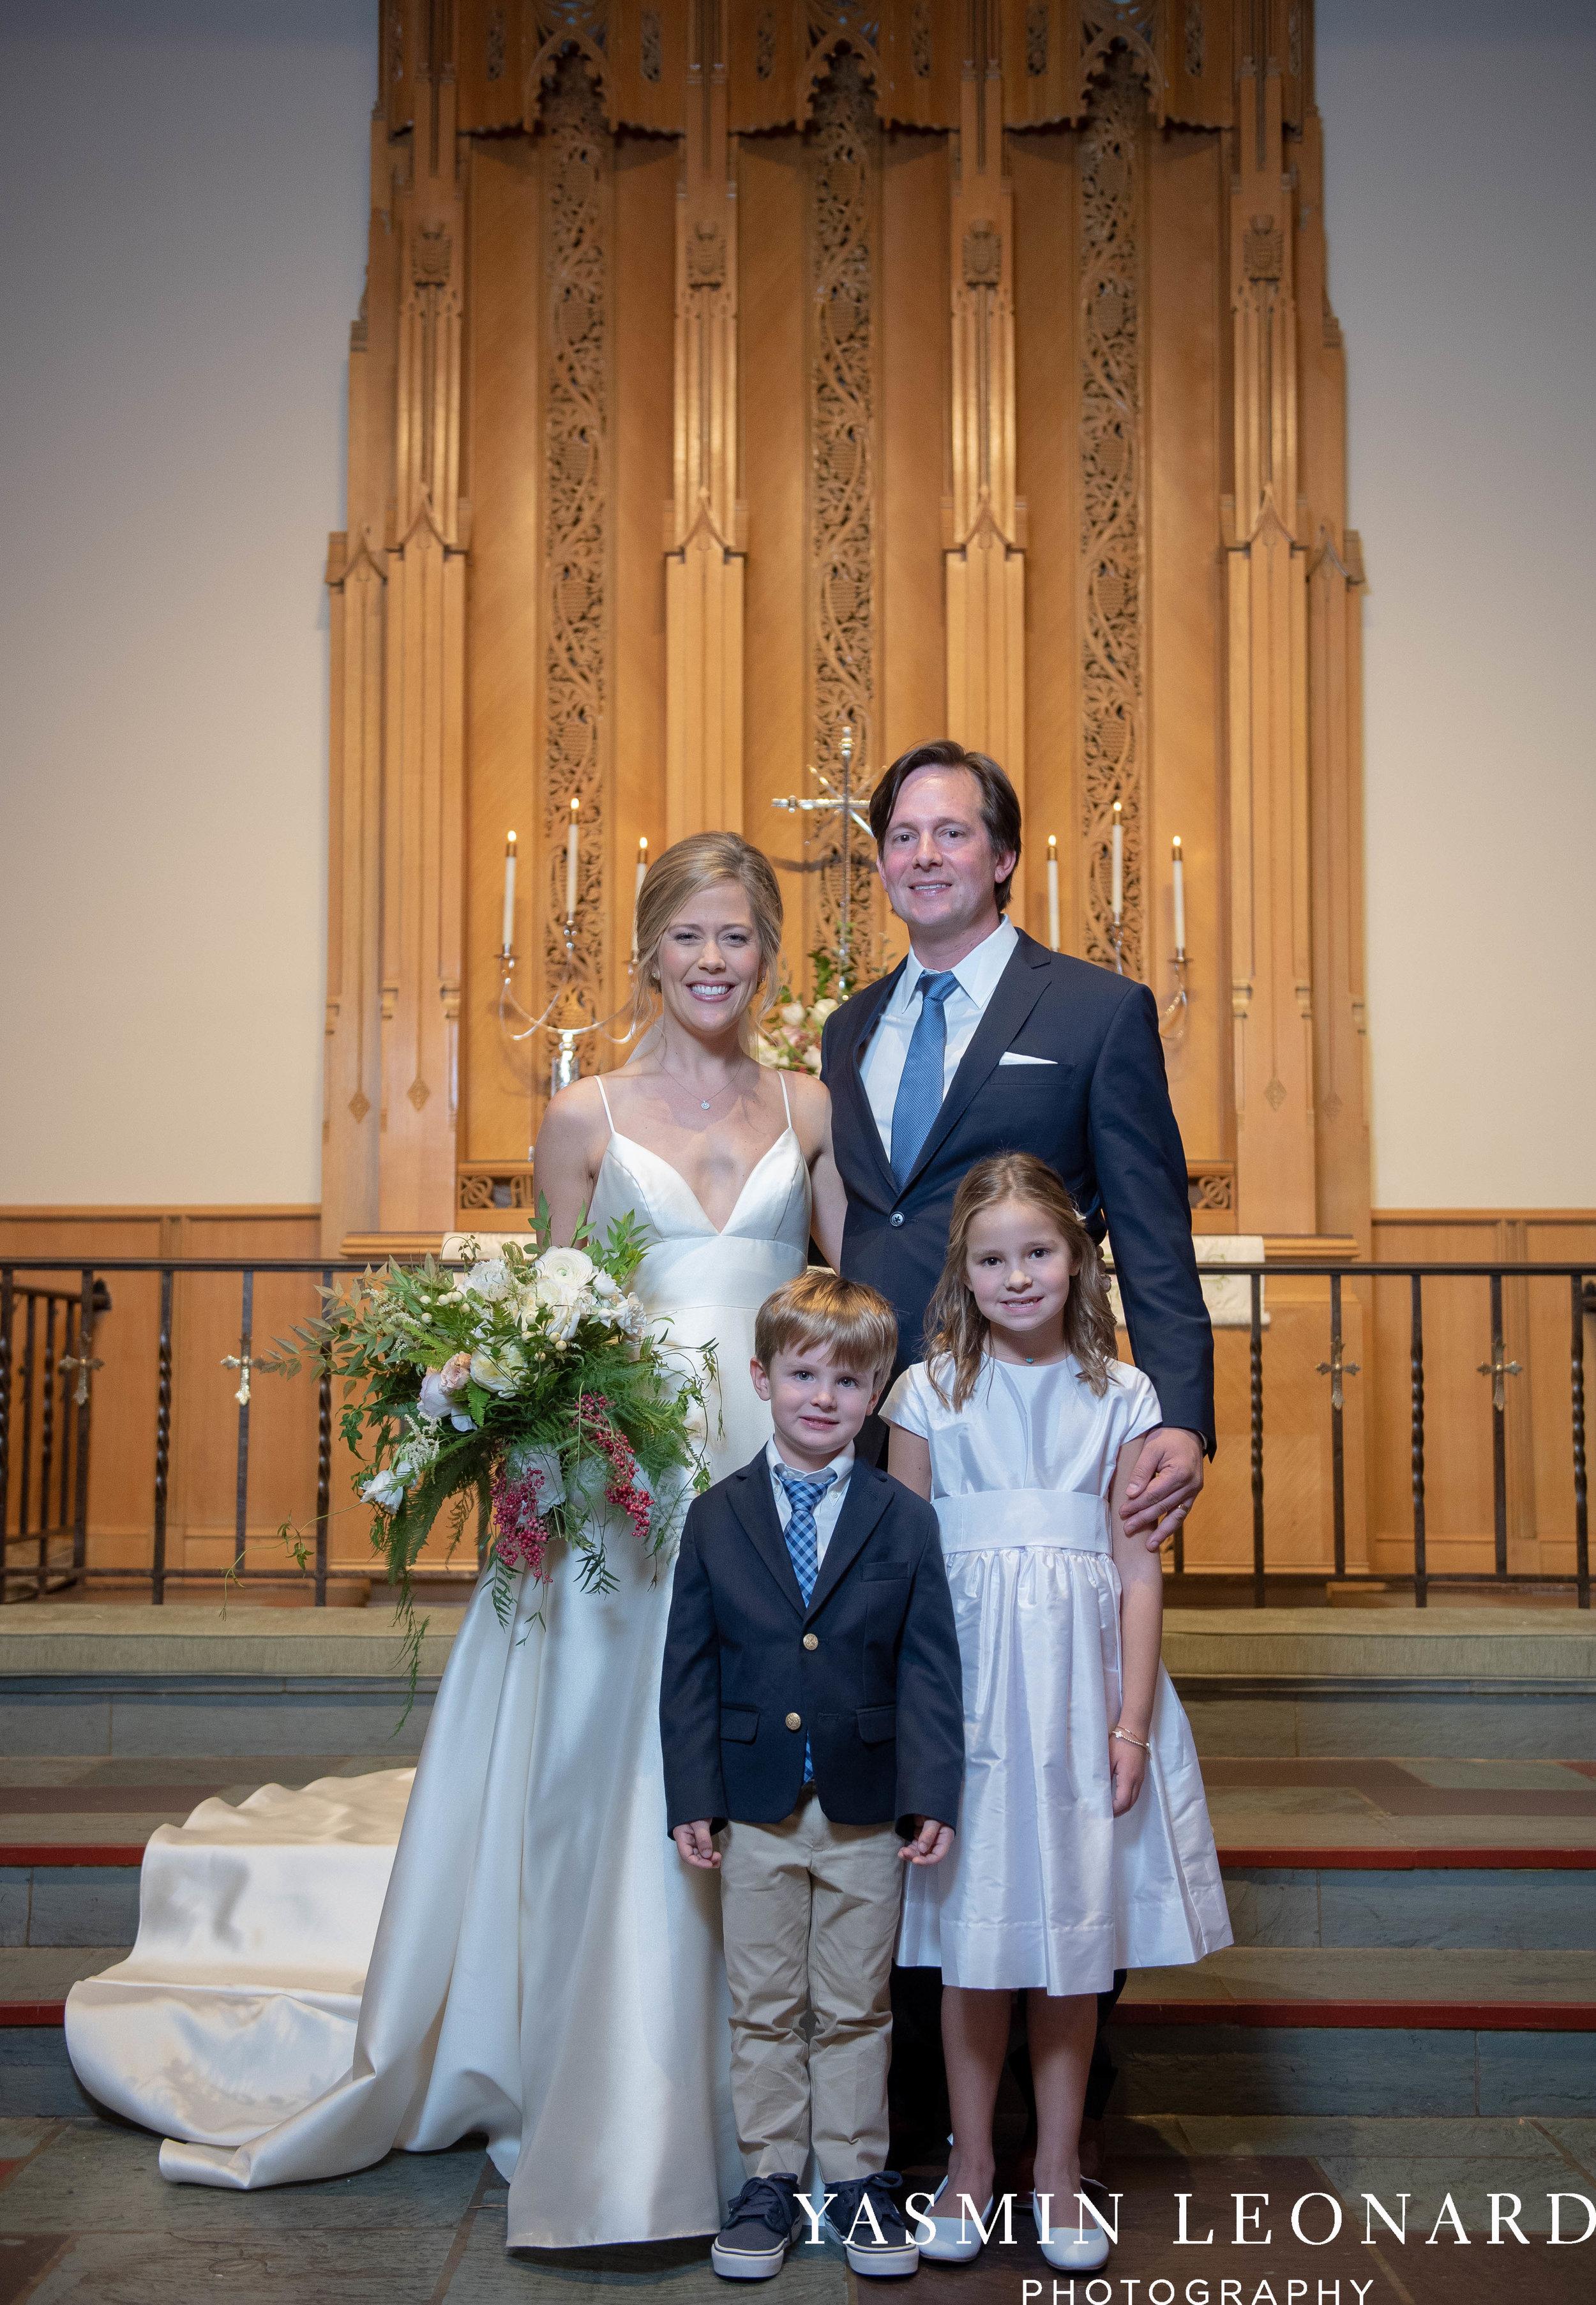 Wesley Memorial United Methodist Church - EmeryWood - High Point Weddings - High Point Wedding Photographer - NC Wedding Photographer - Yasmin Leonard Photography-30.jpg